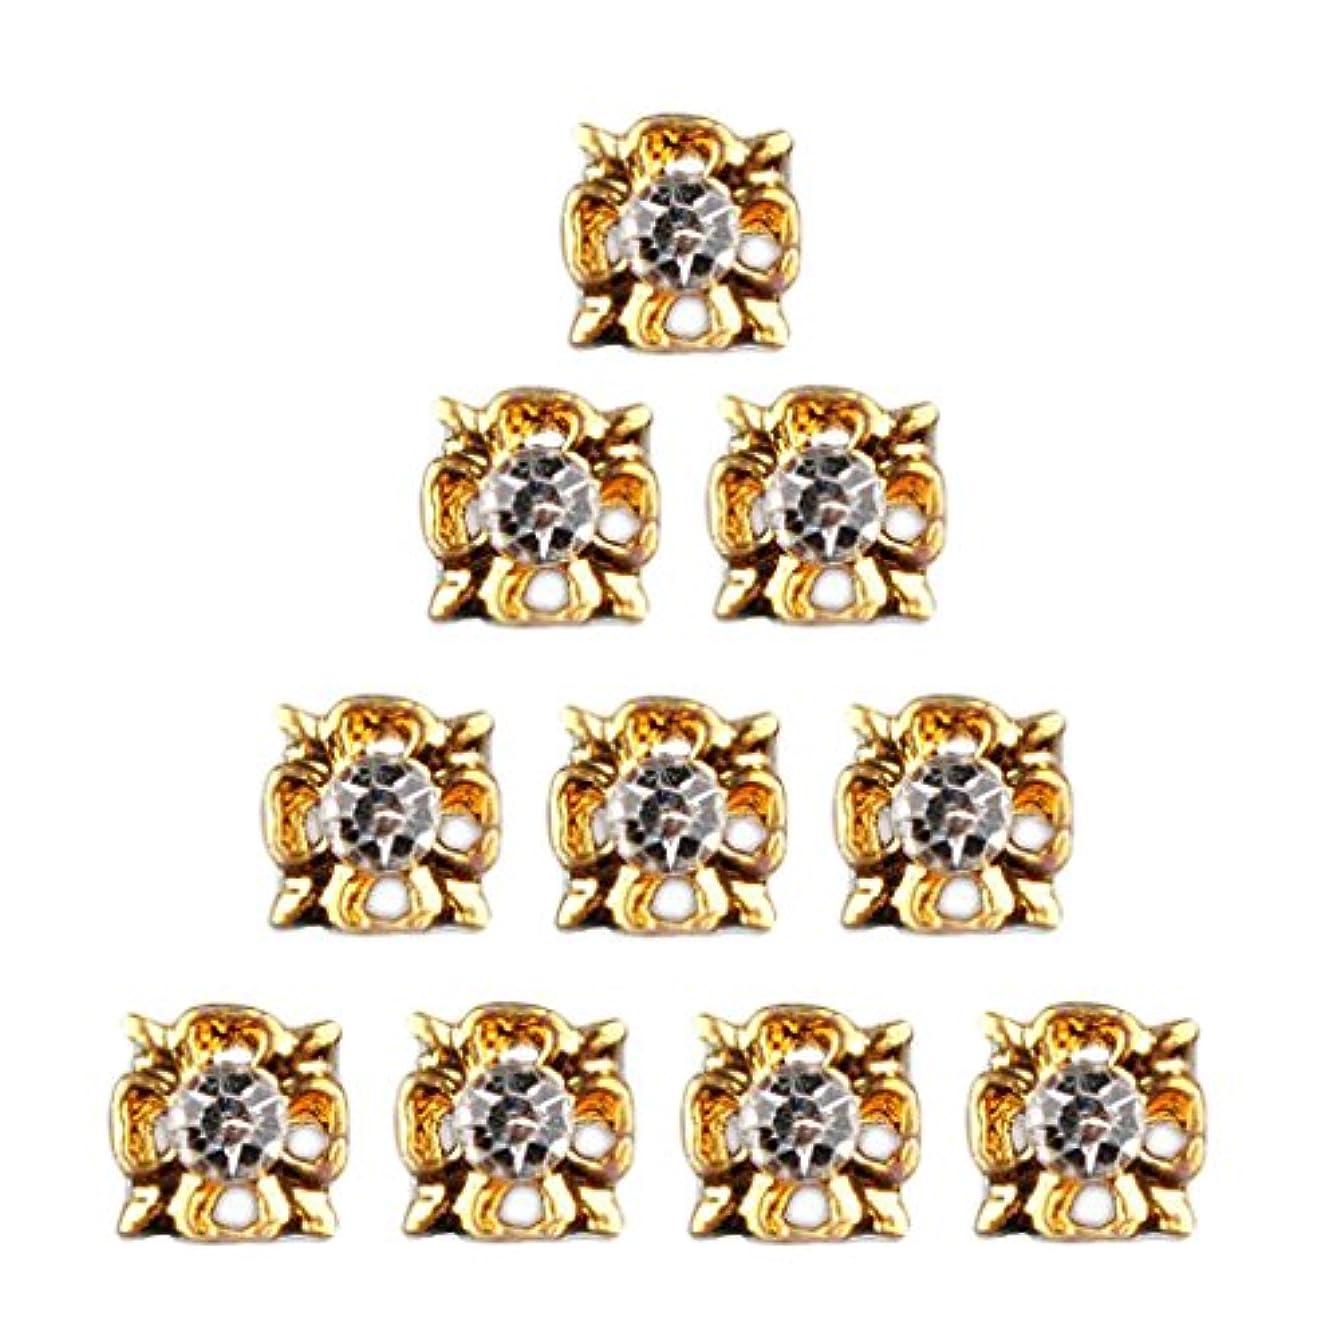 銀行ハンディペデスタルネイルアート ダイヤモンド ネイルデザイン 3D ヒントステッカー ネイルデコレーション 全8種類 - 4